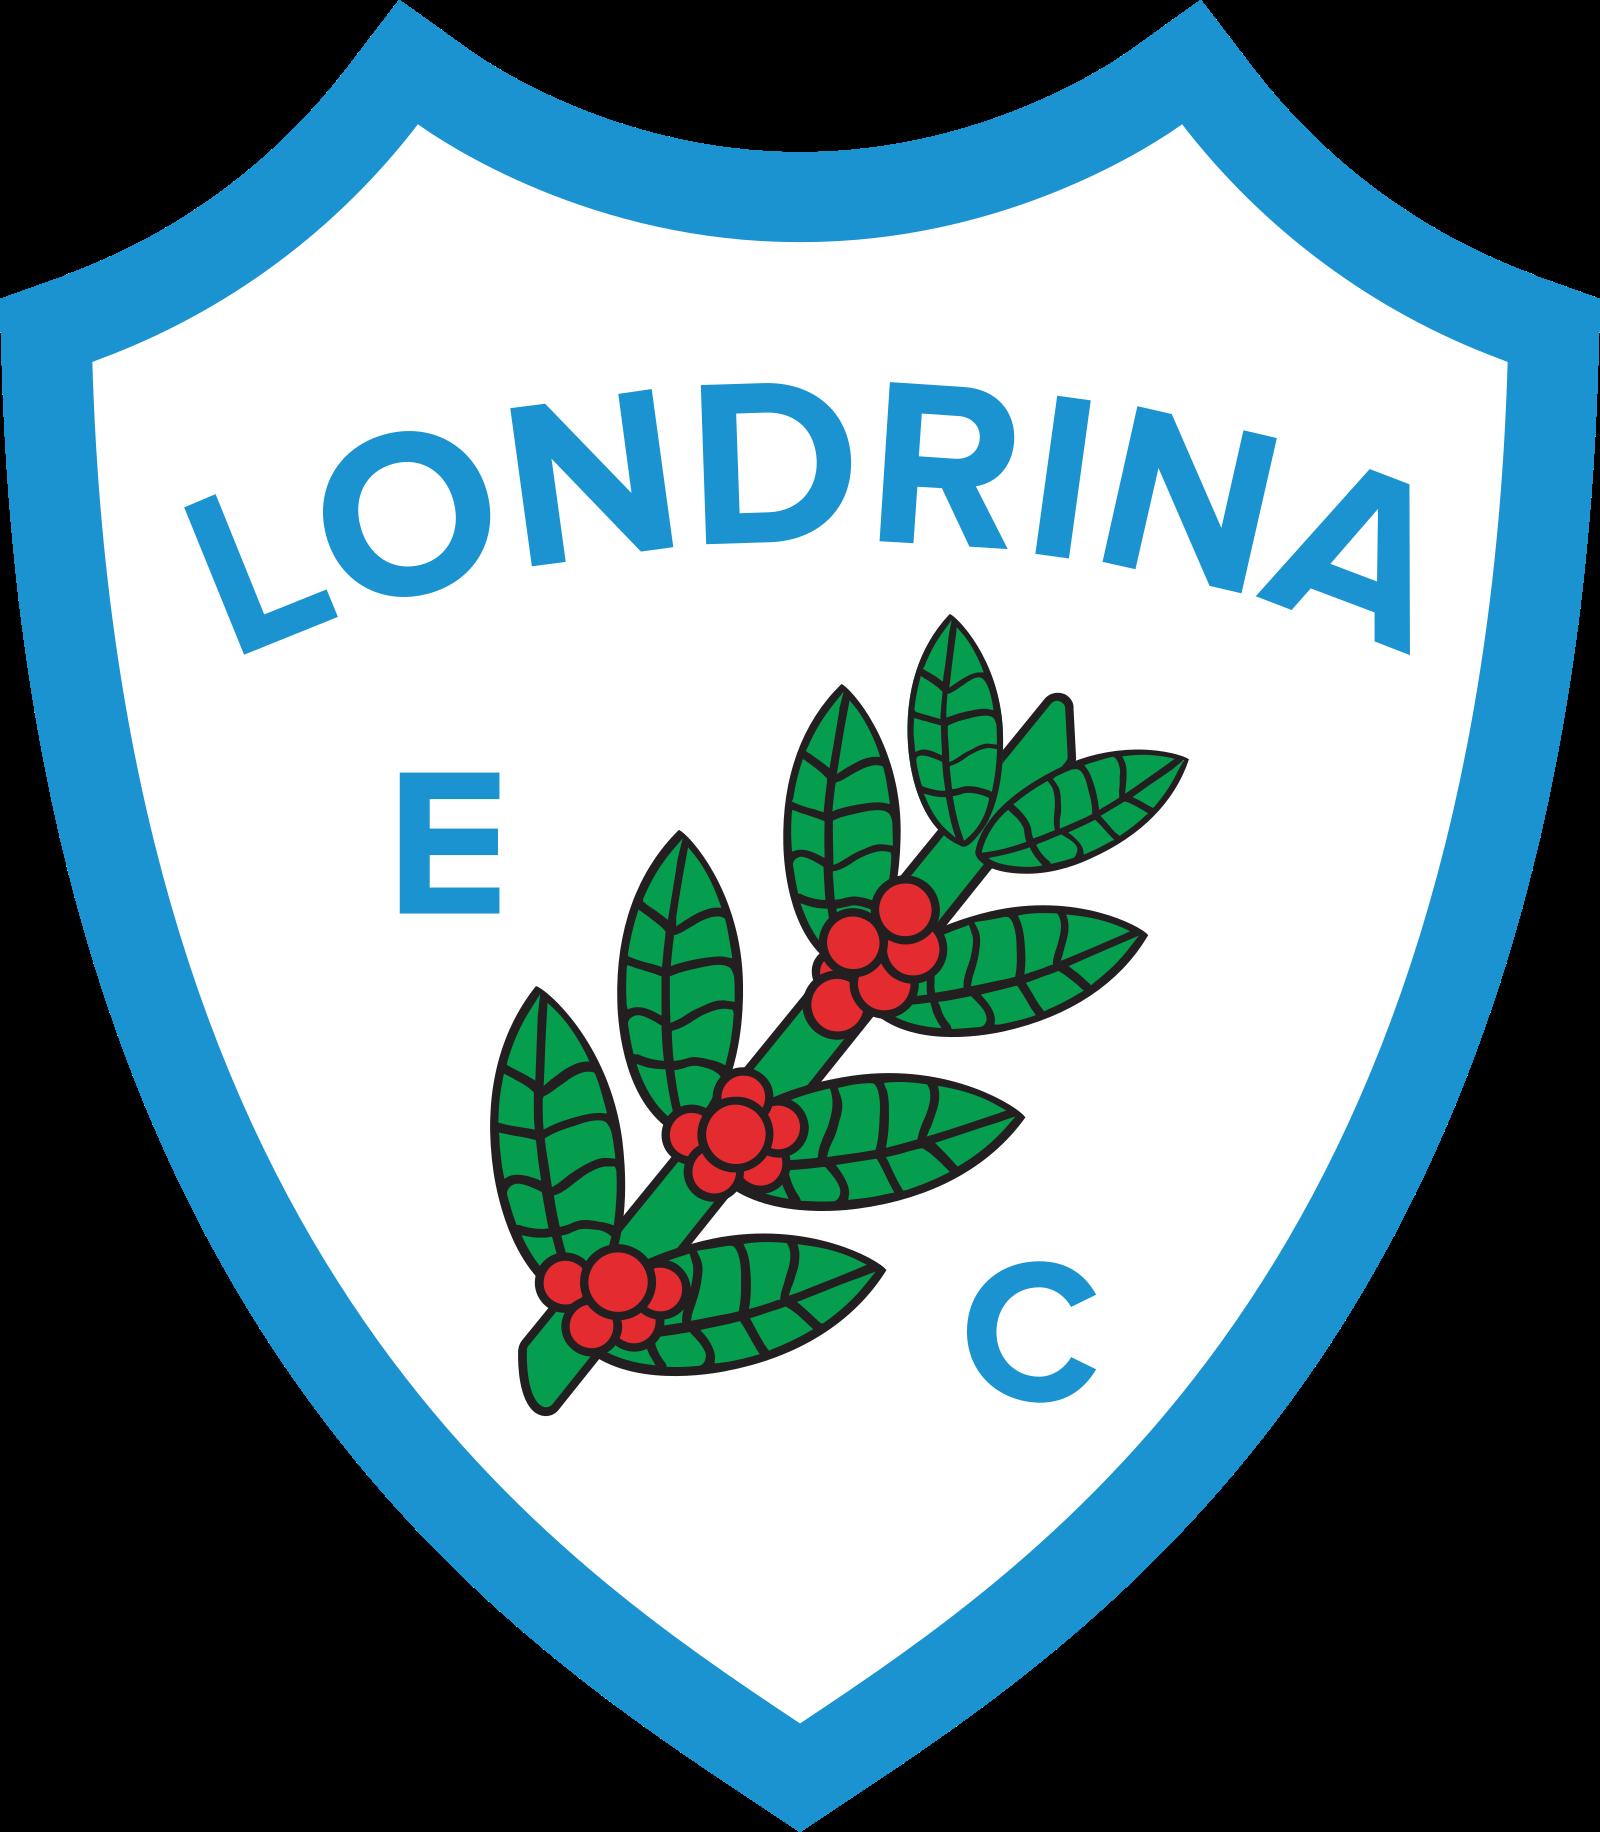 londrina ec logo escudo 4 - Londrina Logo - Escudo - Londrina Esporte Clube Logo - Escudo